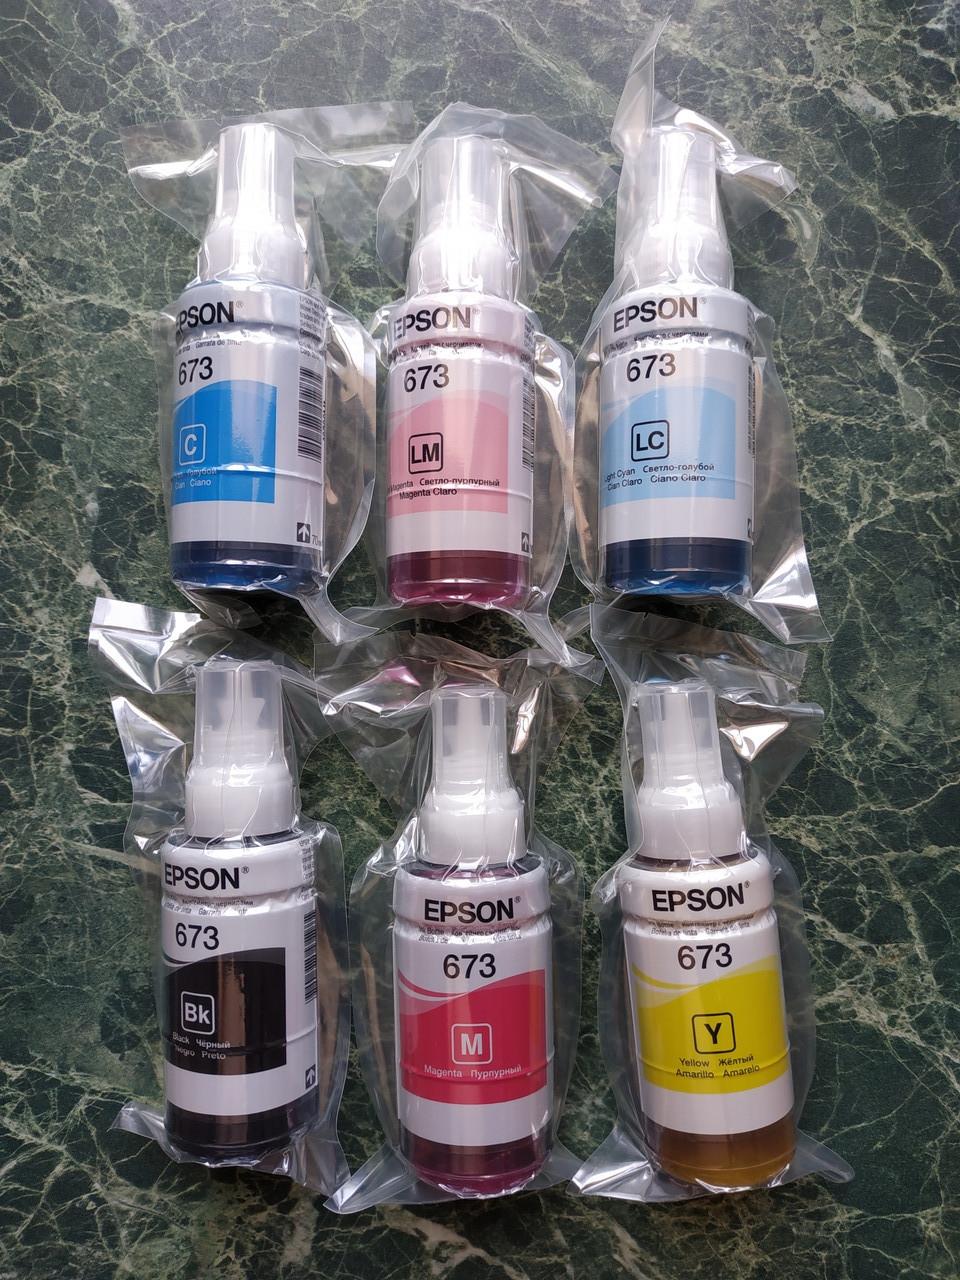 Комплект контейнеров с чернилами Epson 673 B/C/LC/LM/M/Y (C13T673XX)